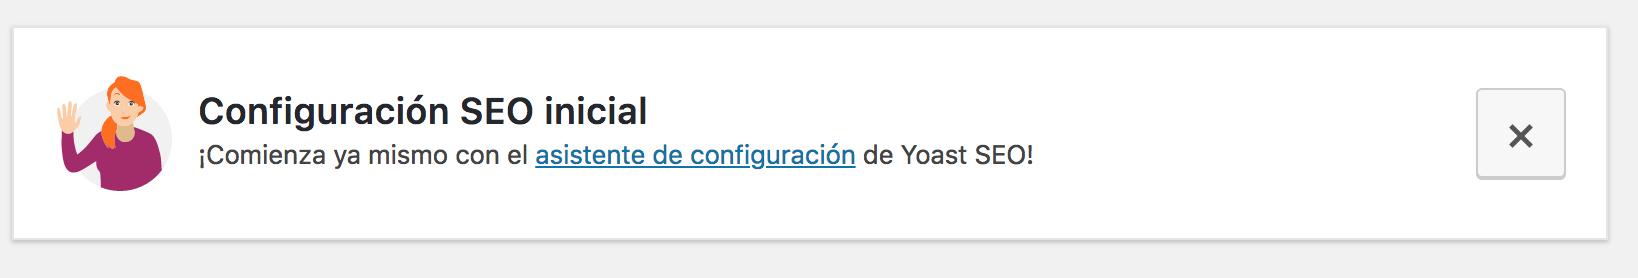 Cómo Usar Yoast SEO - Aprovecha el asistente de configuración